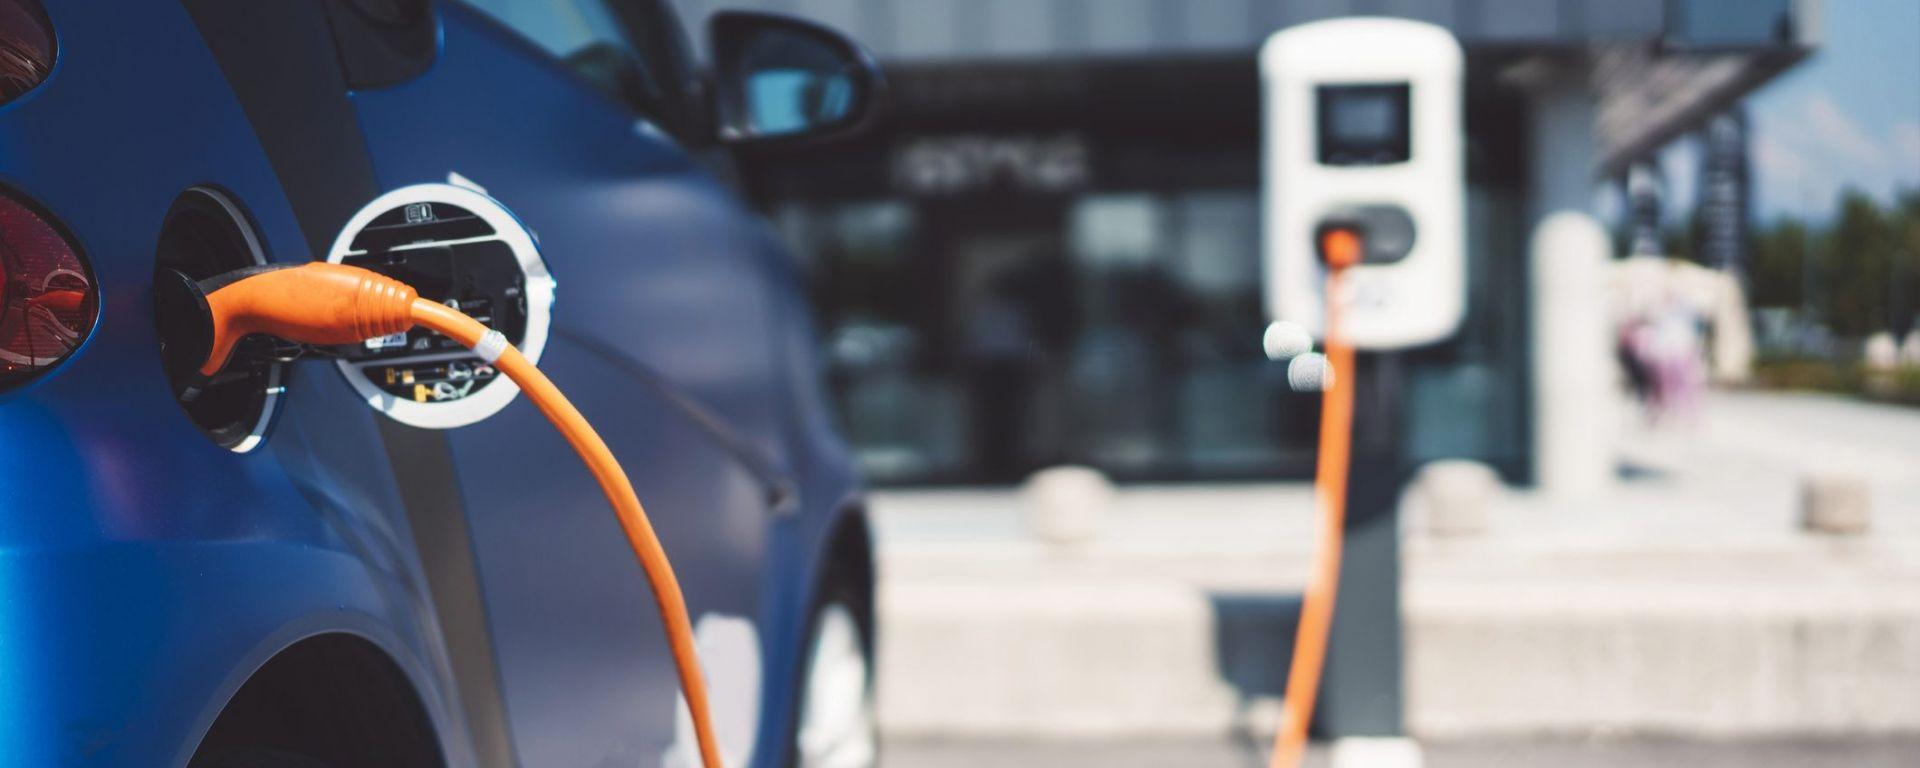 Auto elettriche: la svalutazione le affossa